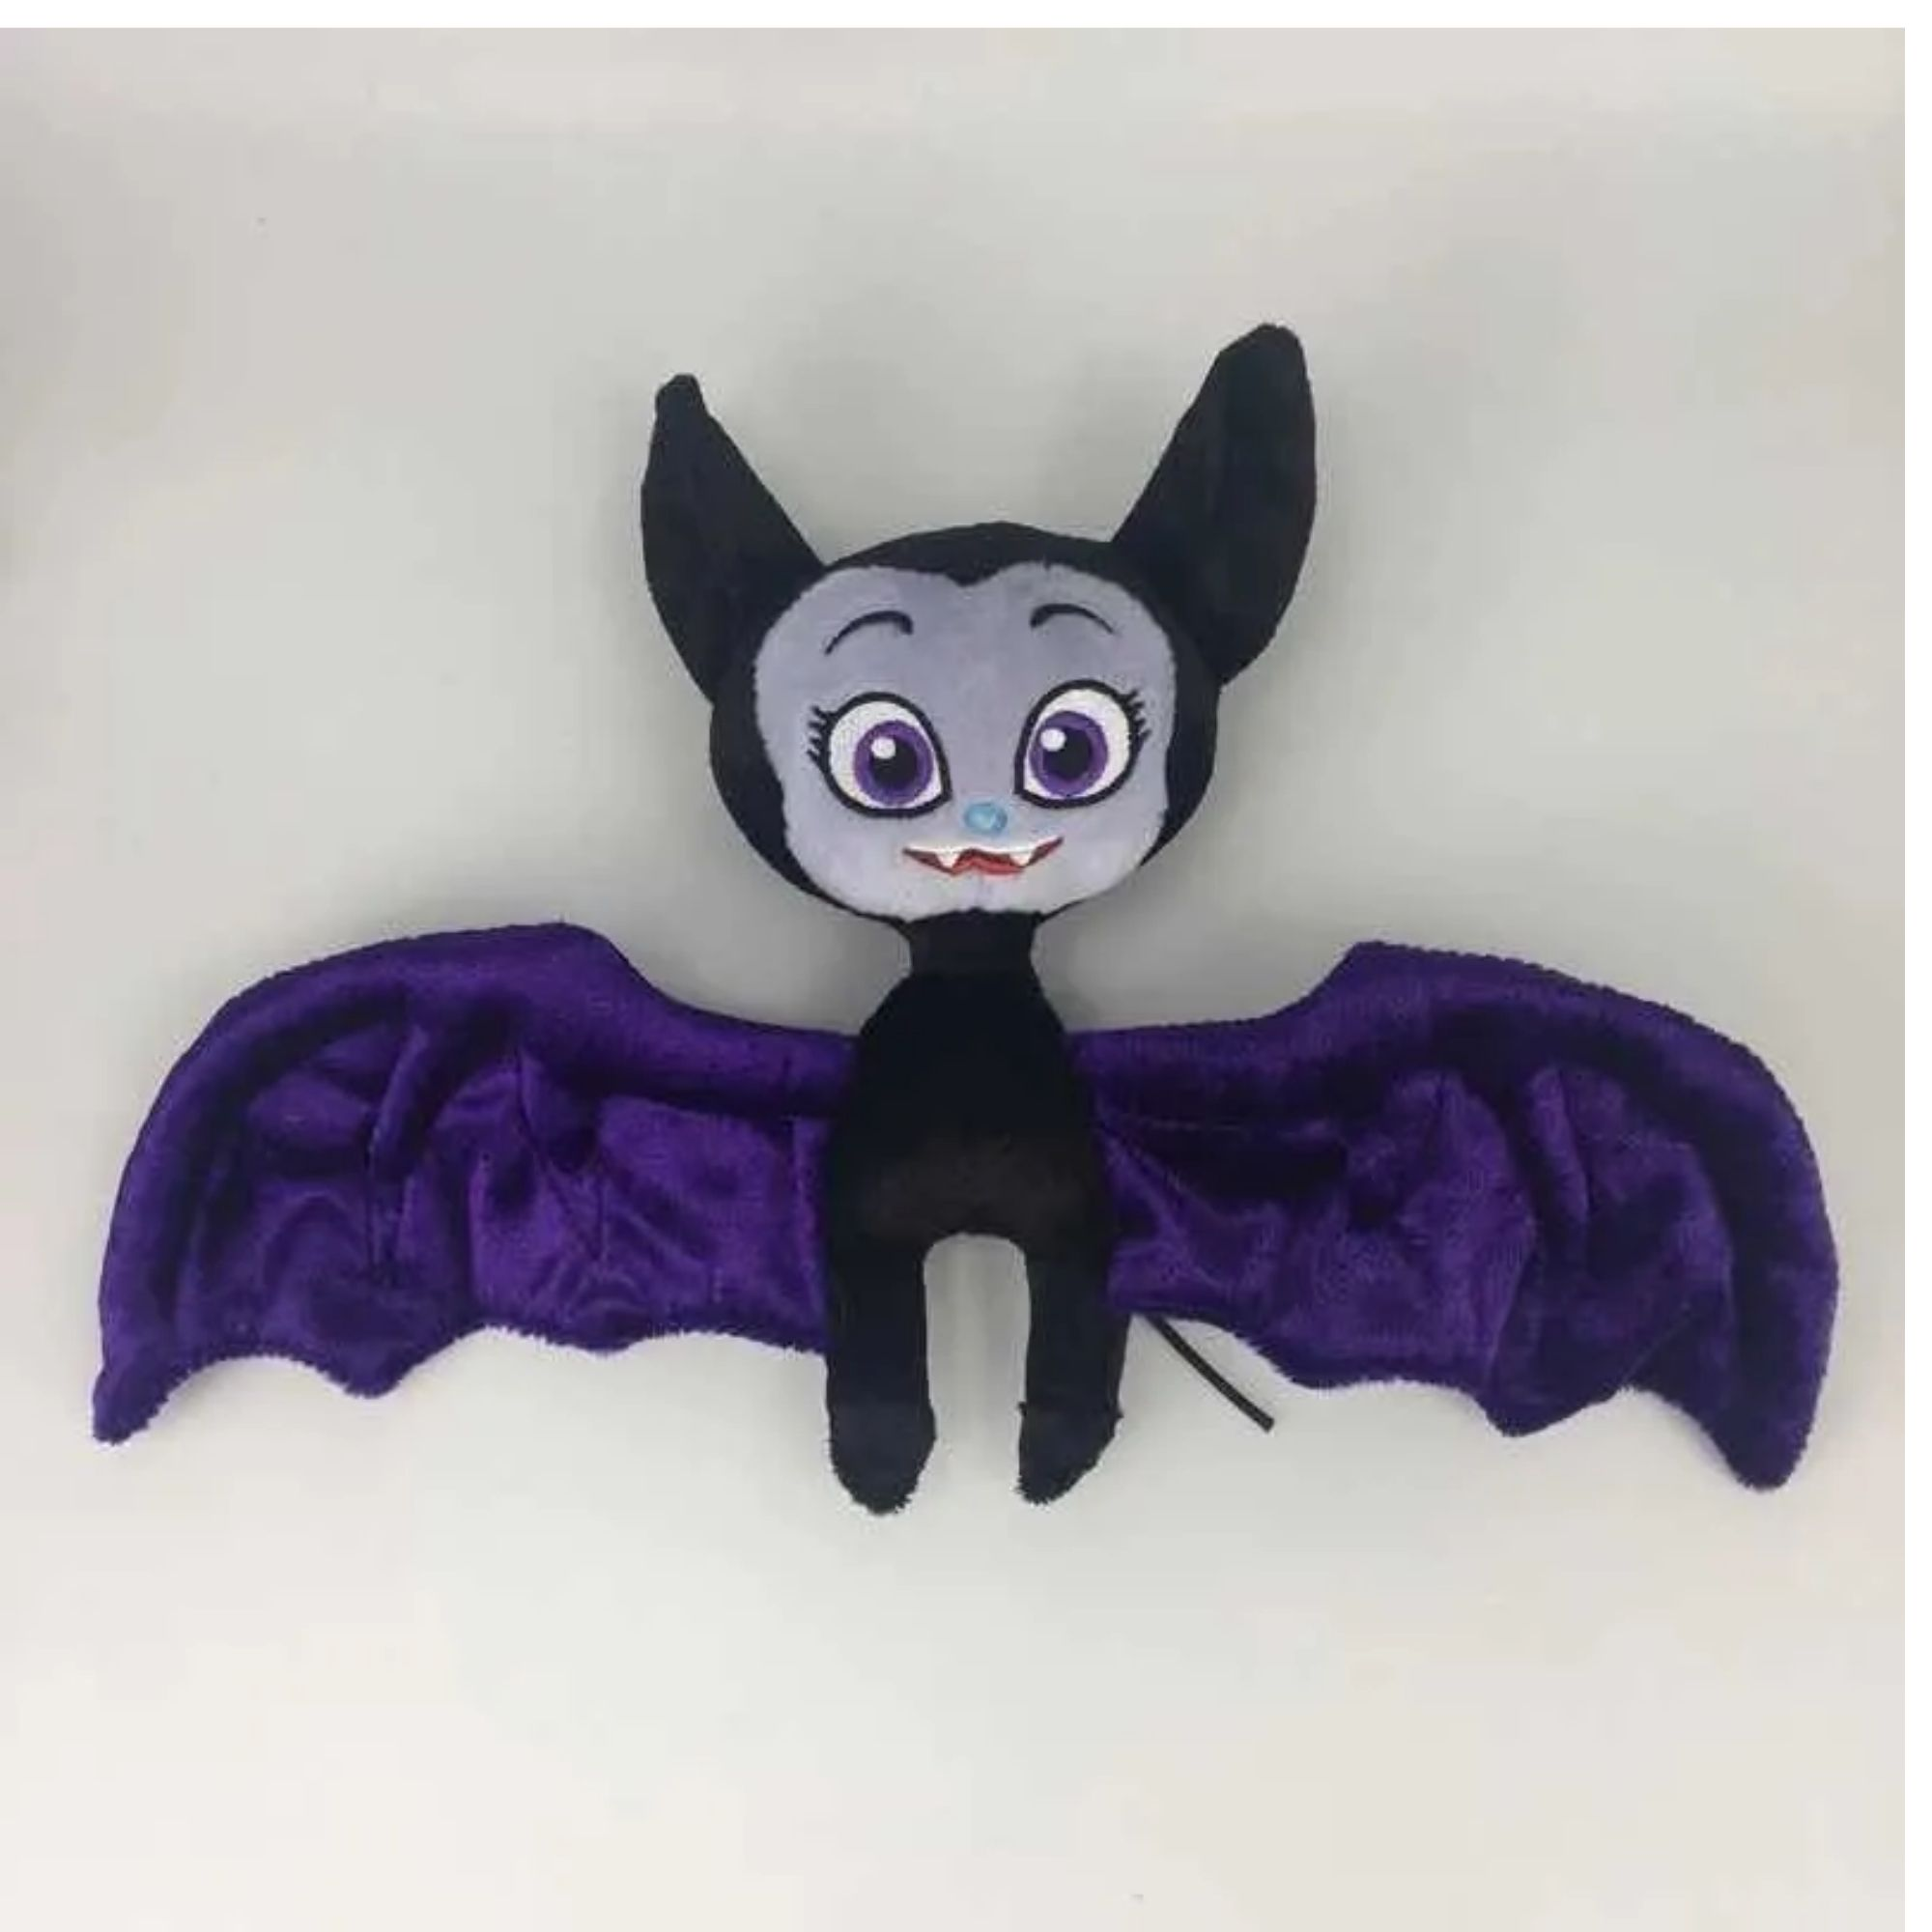 Morcego boneco de pelucia da Vampirina   - Game Land Brinquedos